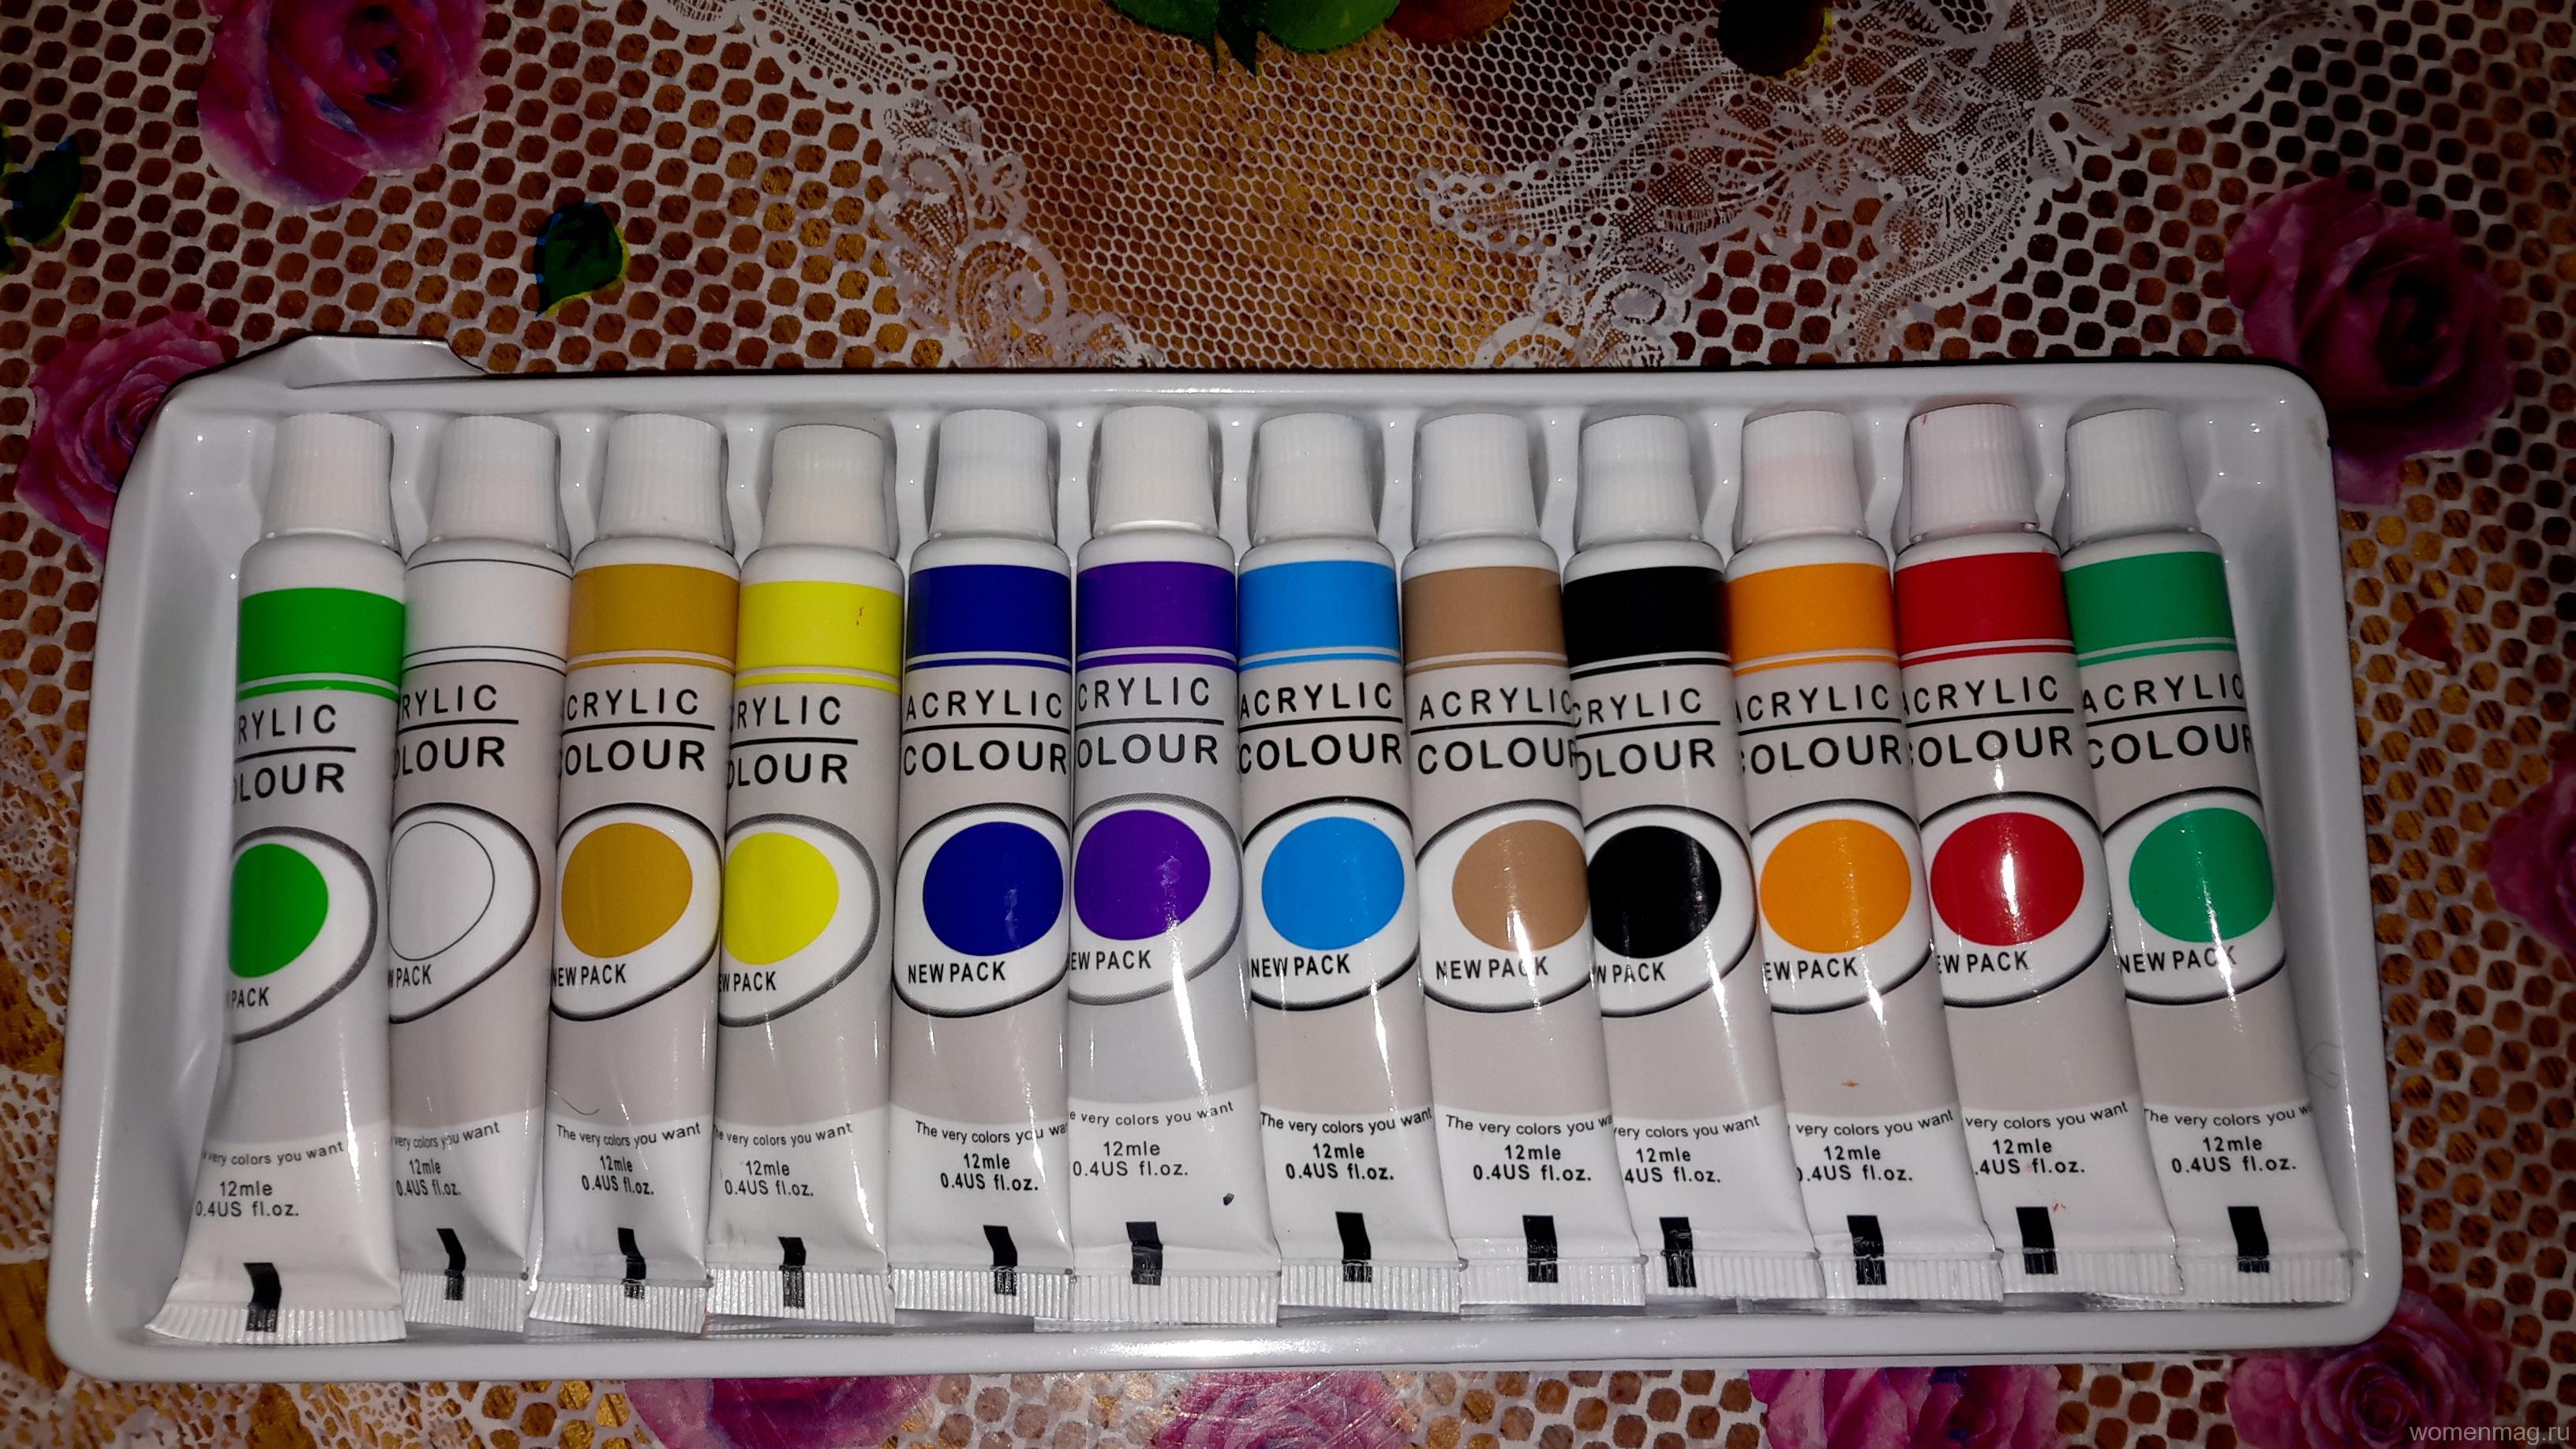 Отзыв на акриловые краски Acrylic colour LH-6103 12 цветов, купленные на сима-ленде. Не советую!